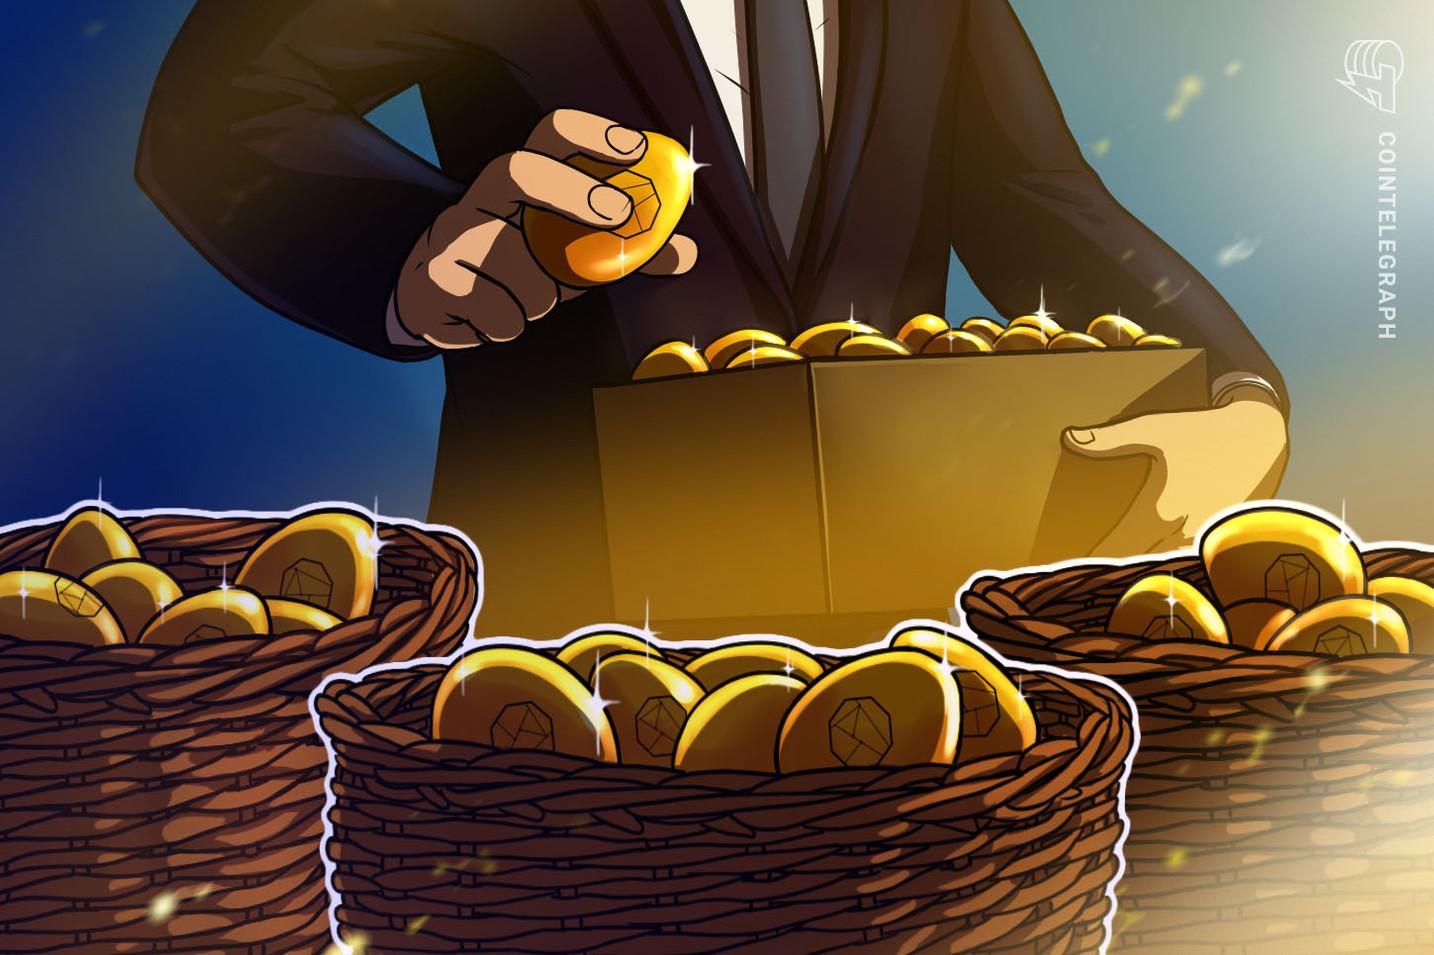 Copper.co se expande al mercado estadounidense tras la inversión de Alan Howard